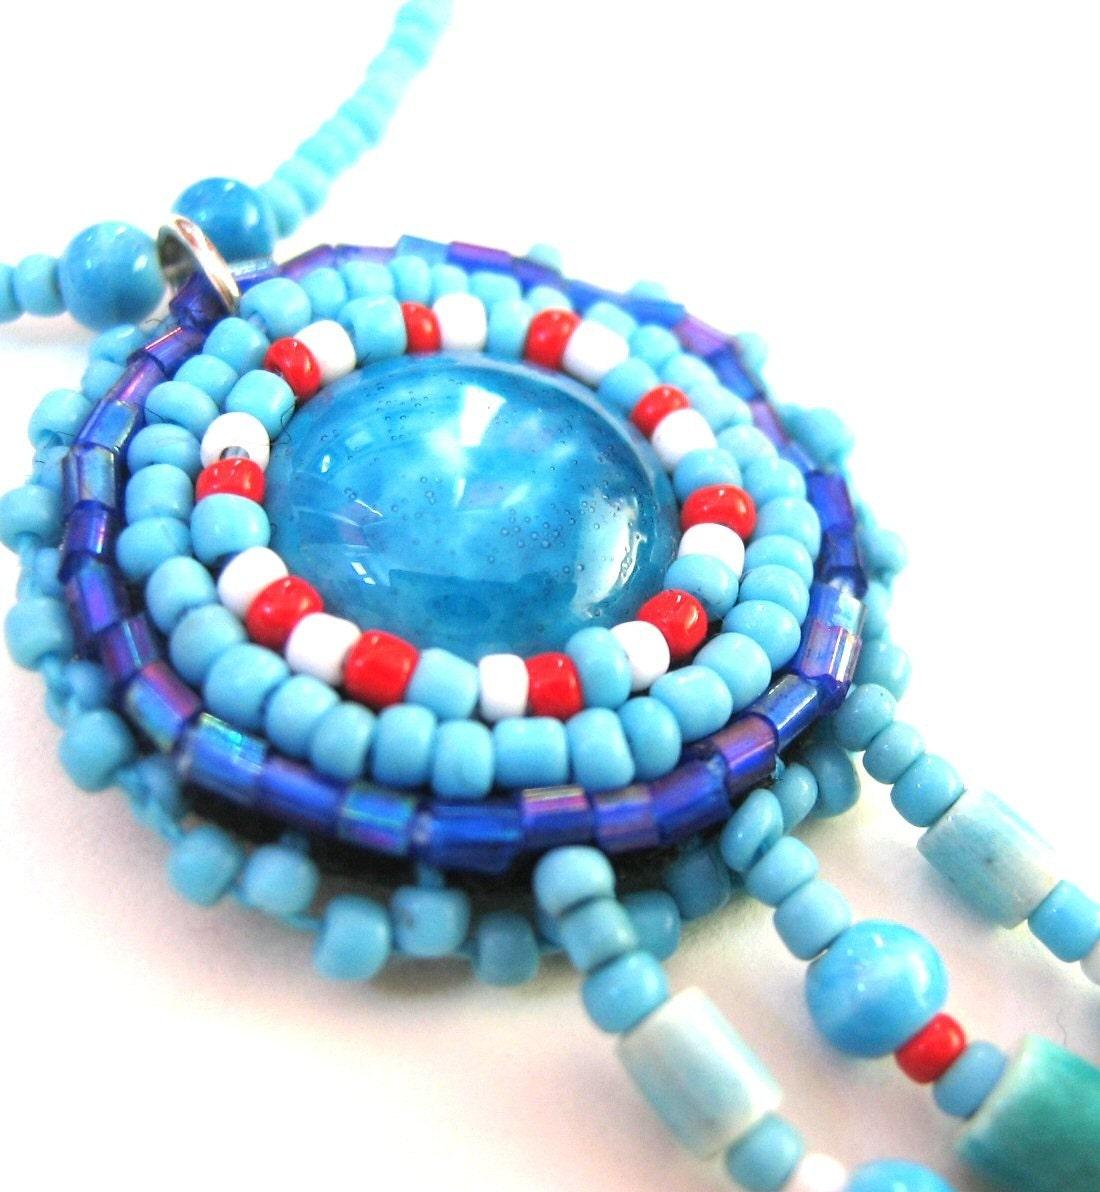 Bead làm việc với hạt vòng cổ tay thêu - Turquoise